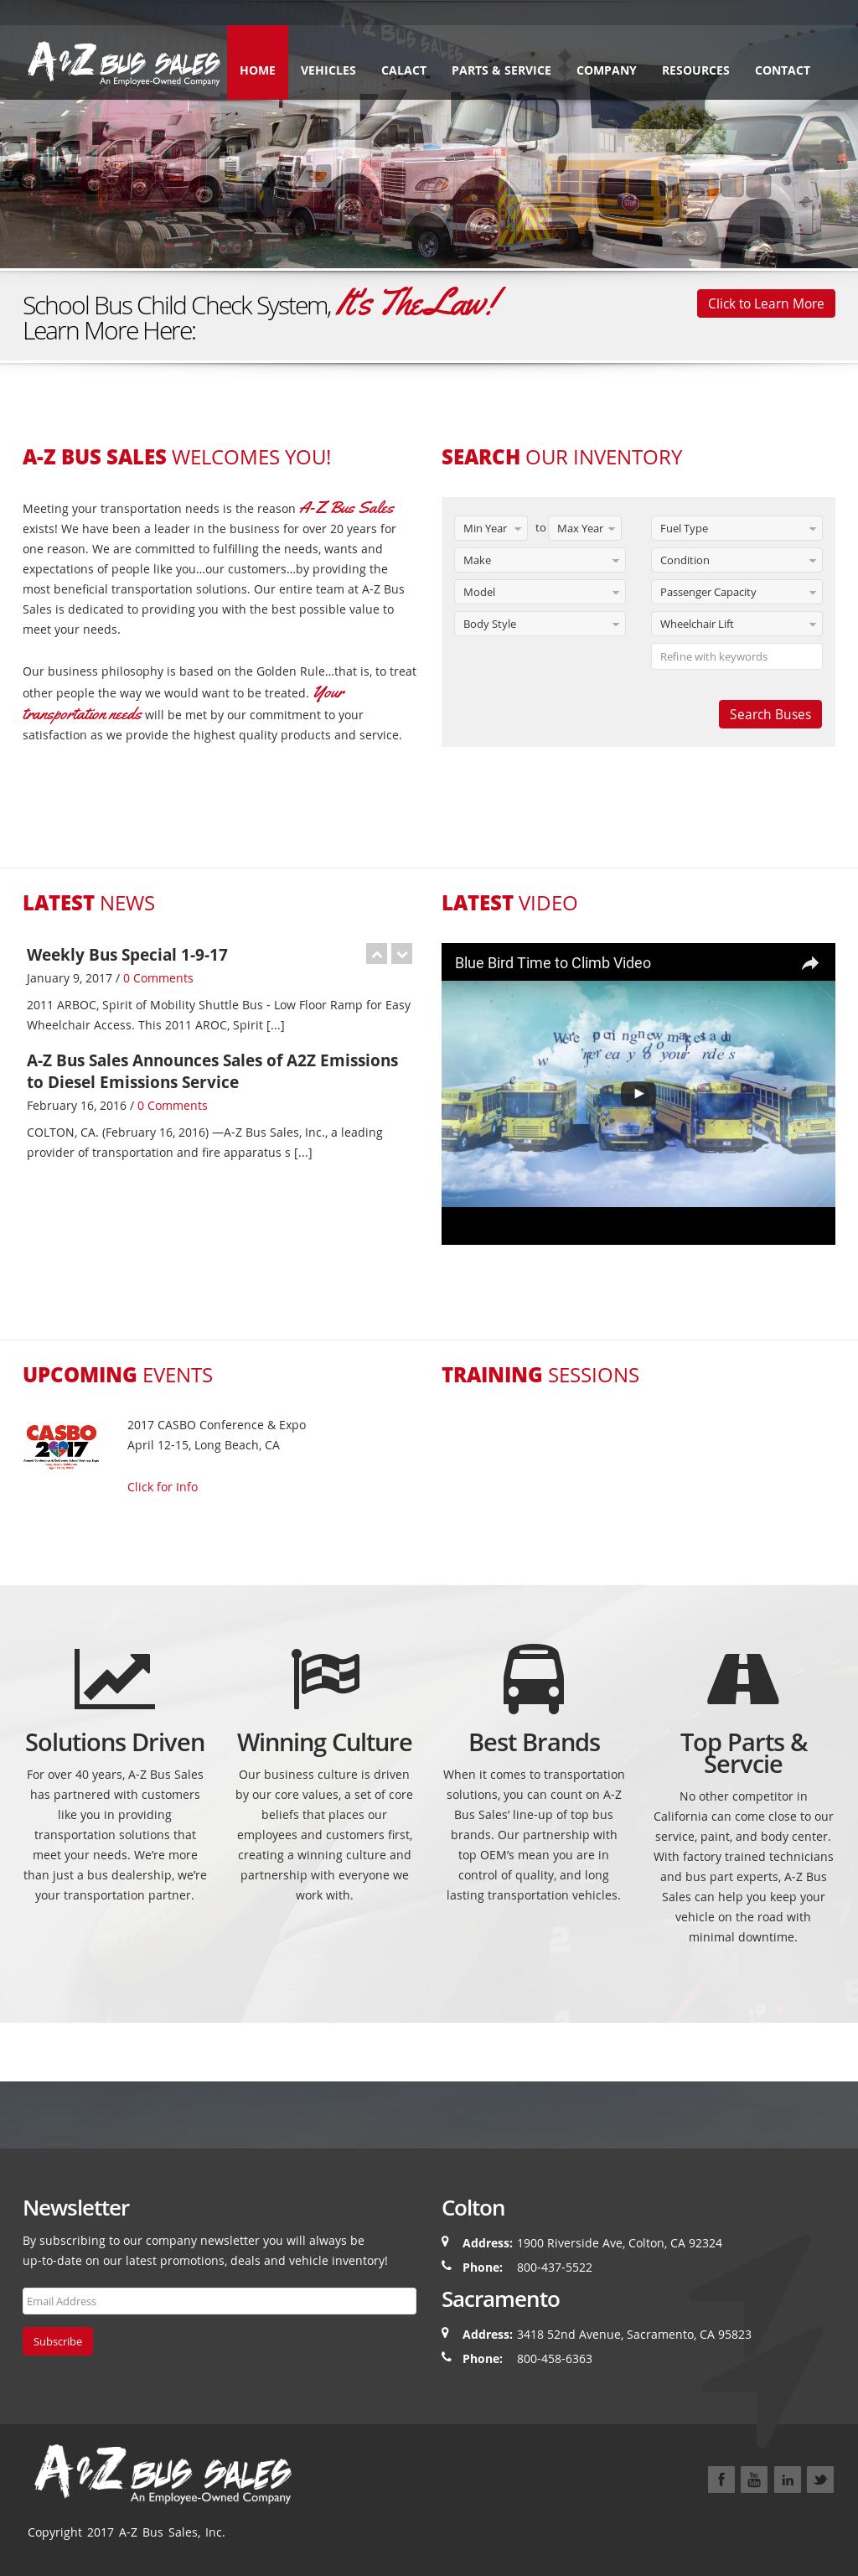 A-Z Bus Sales's website screenshot on Jun 2017